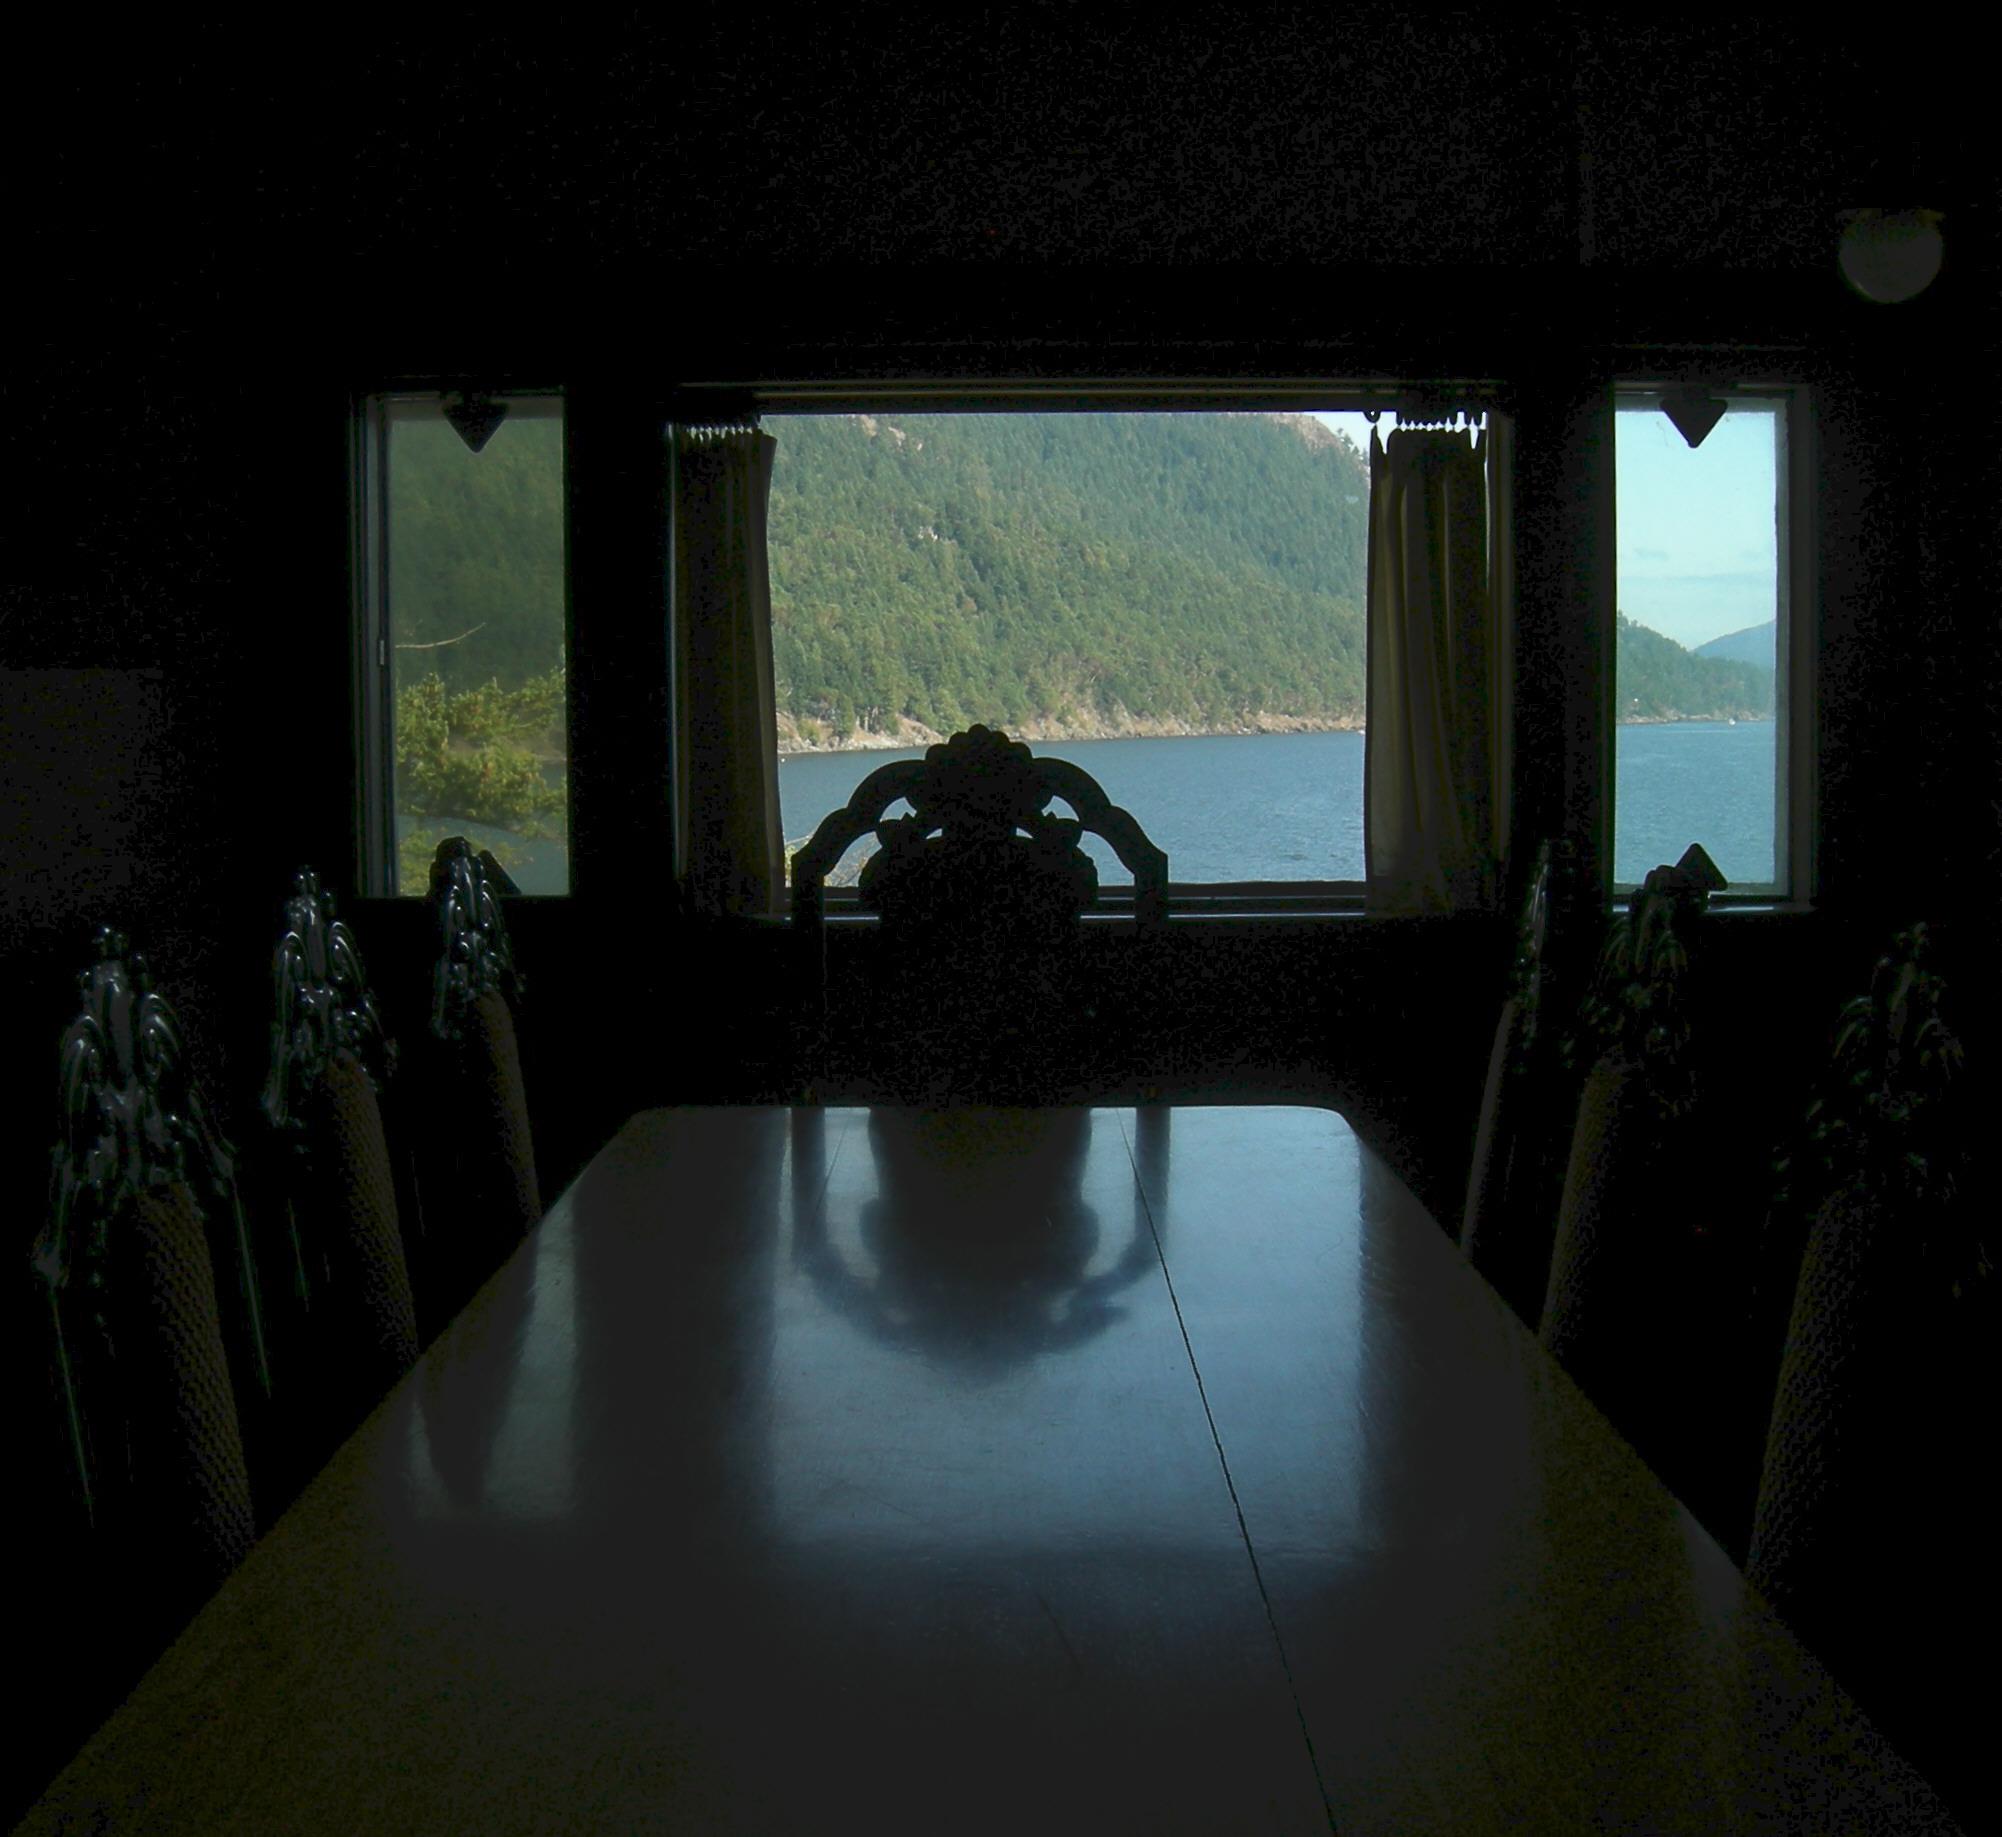 FileRosario Resort Moran Mansion view from old dining room.jpg ...